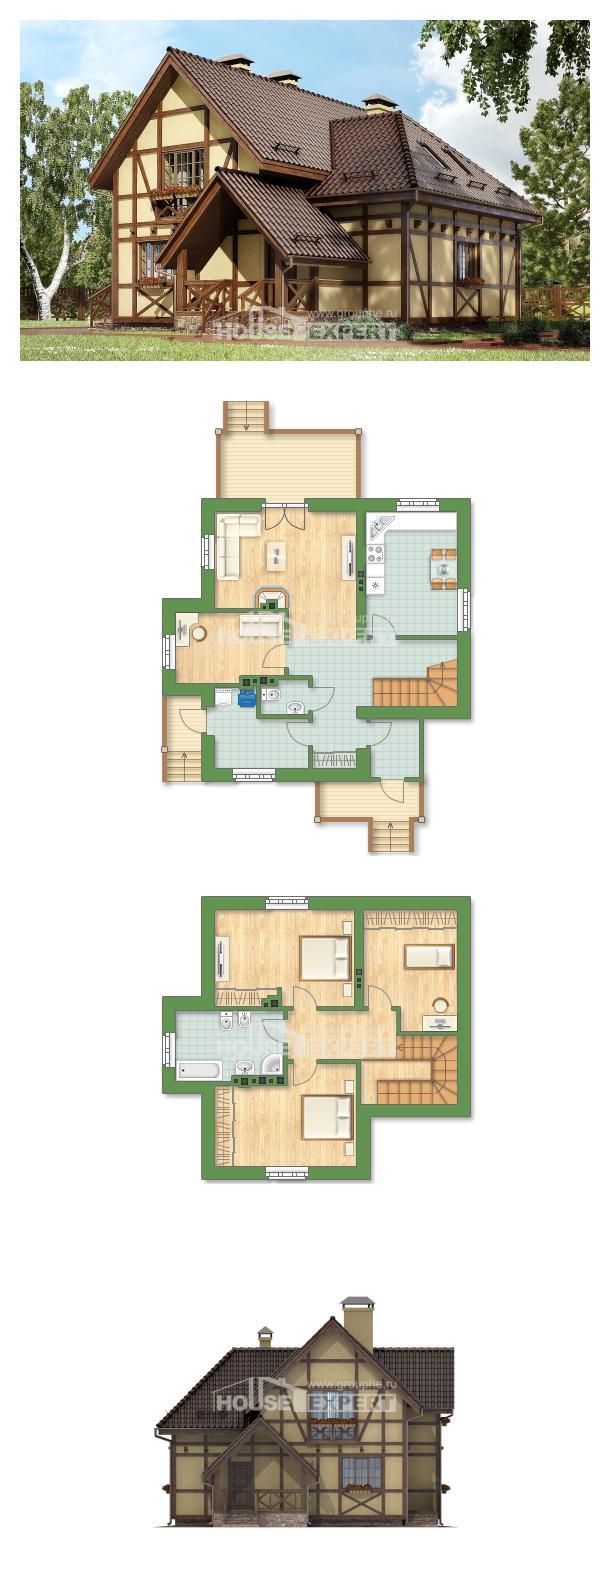 Plan 160-003-R | House Expert